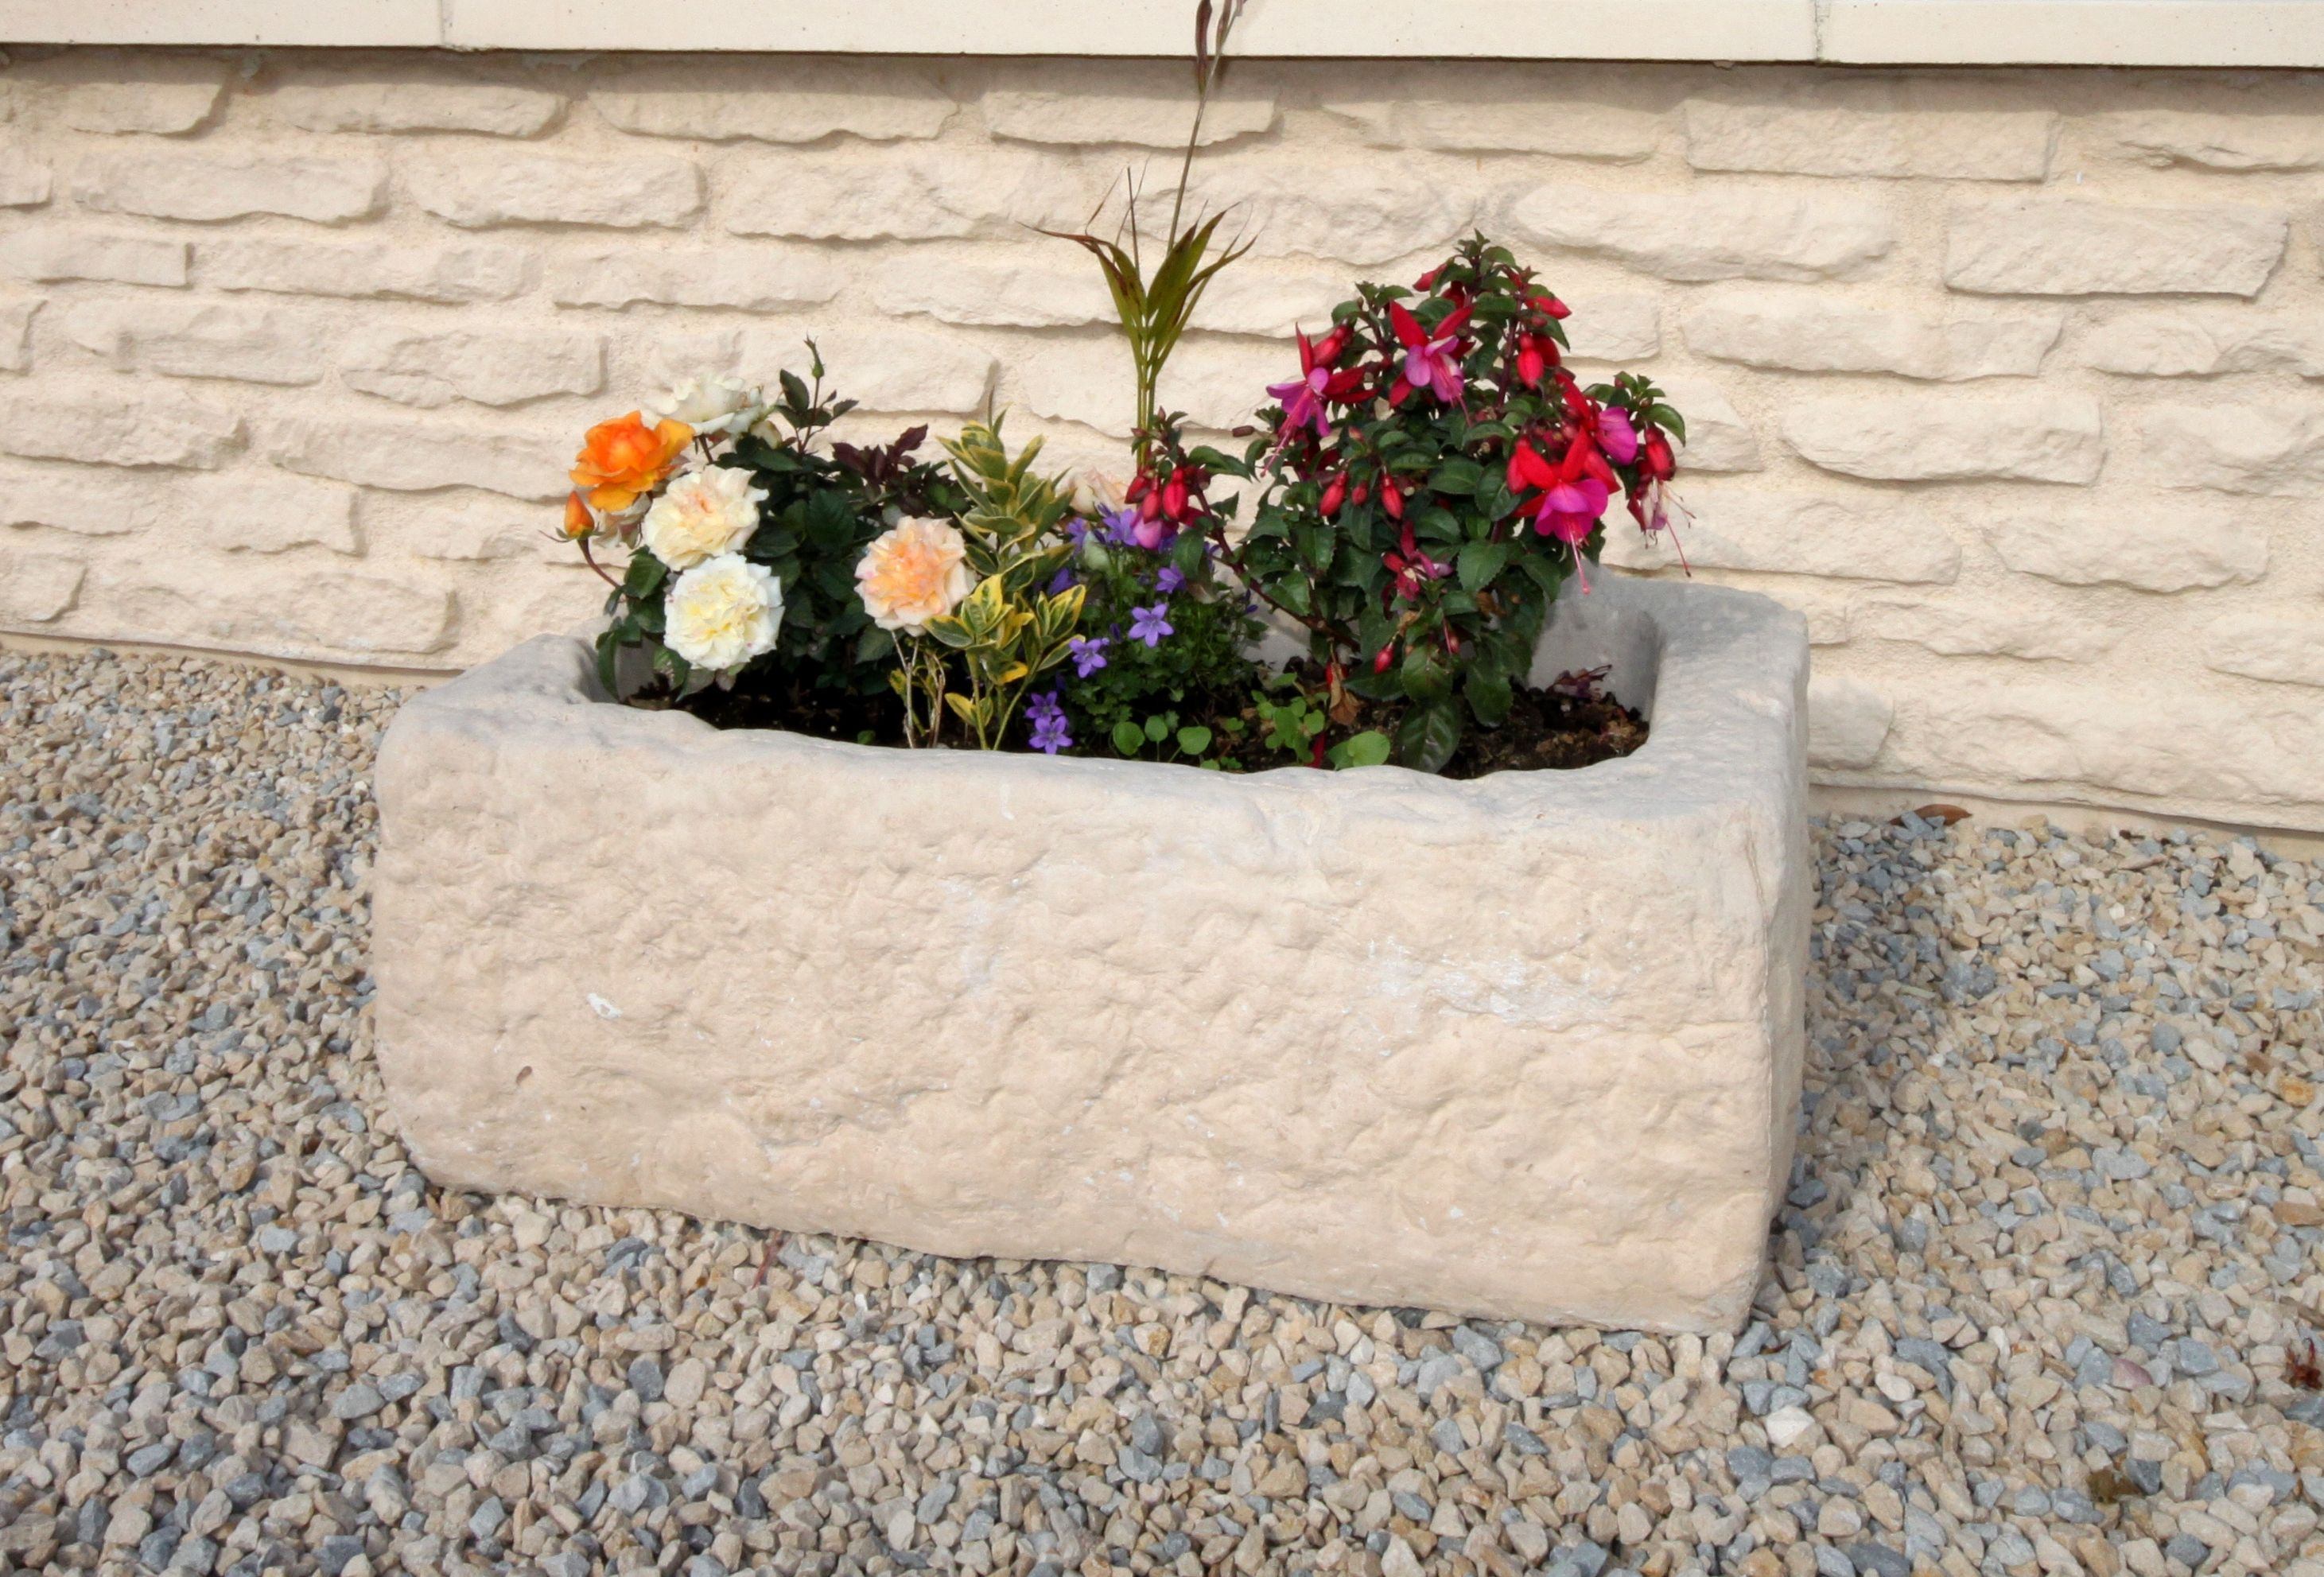 Bac Pour Arbuste De Jardin bac à fleurs, auge, jardinière en pierre reconstituée pour